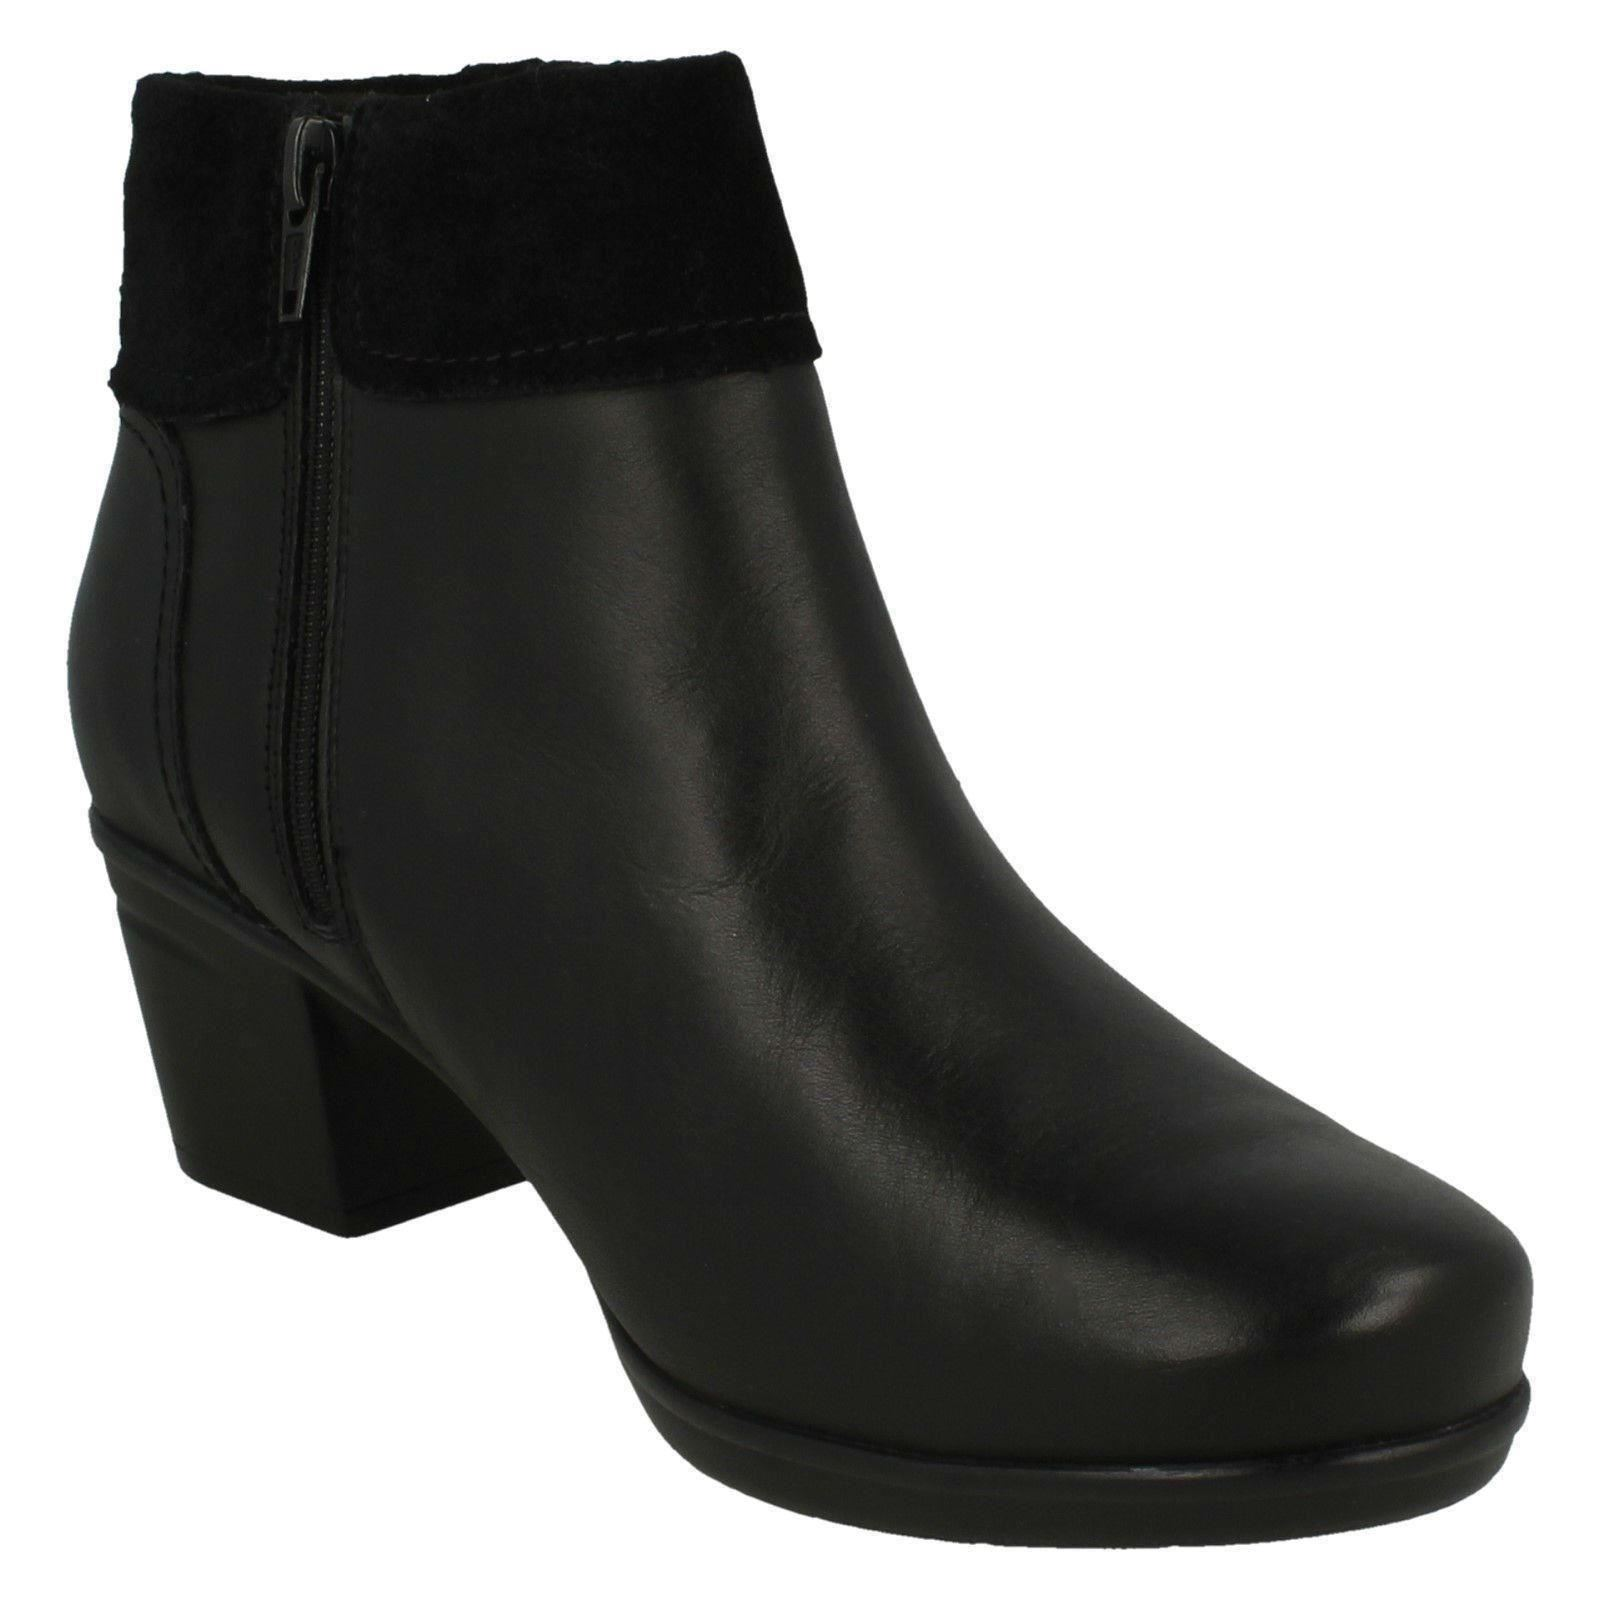 Womens-Clarks Womens-Clarks Womens-Clarks Zip Ankle Boots Emslie Twist 29960e